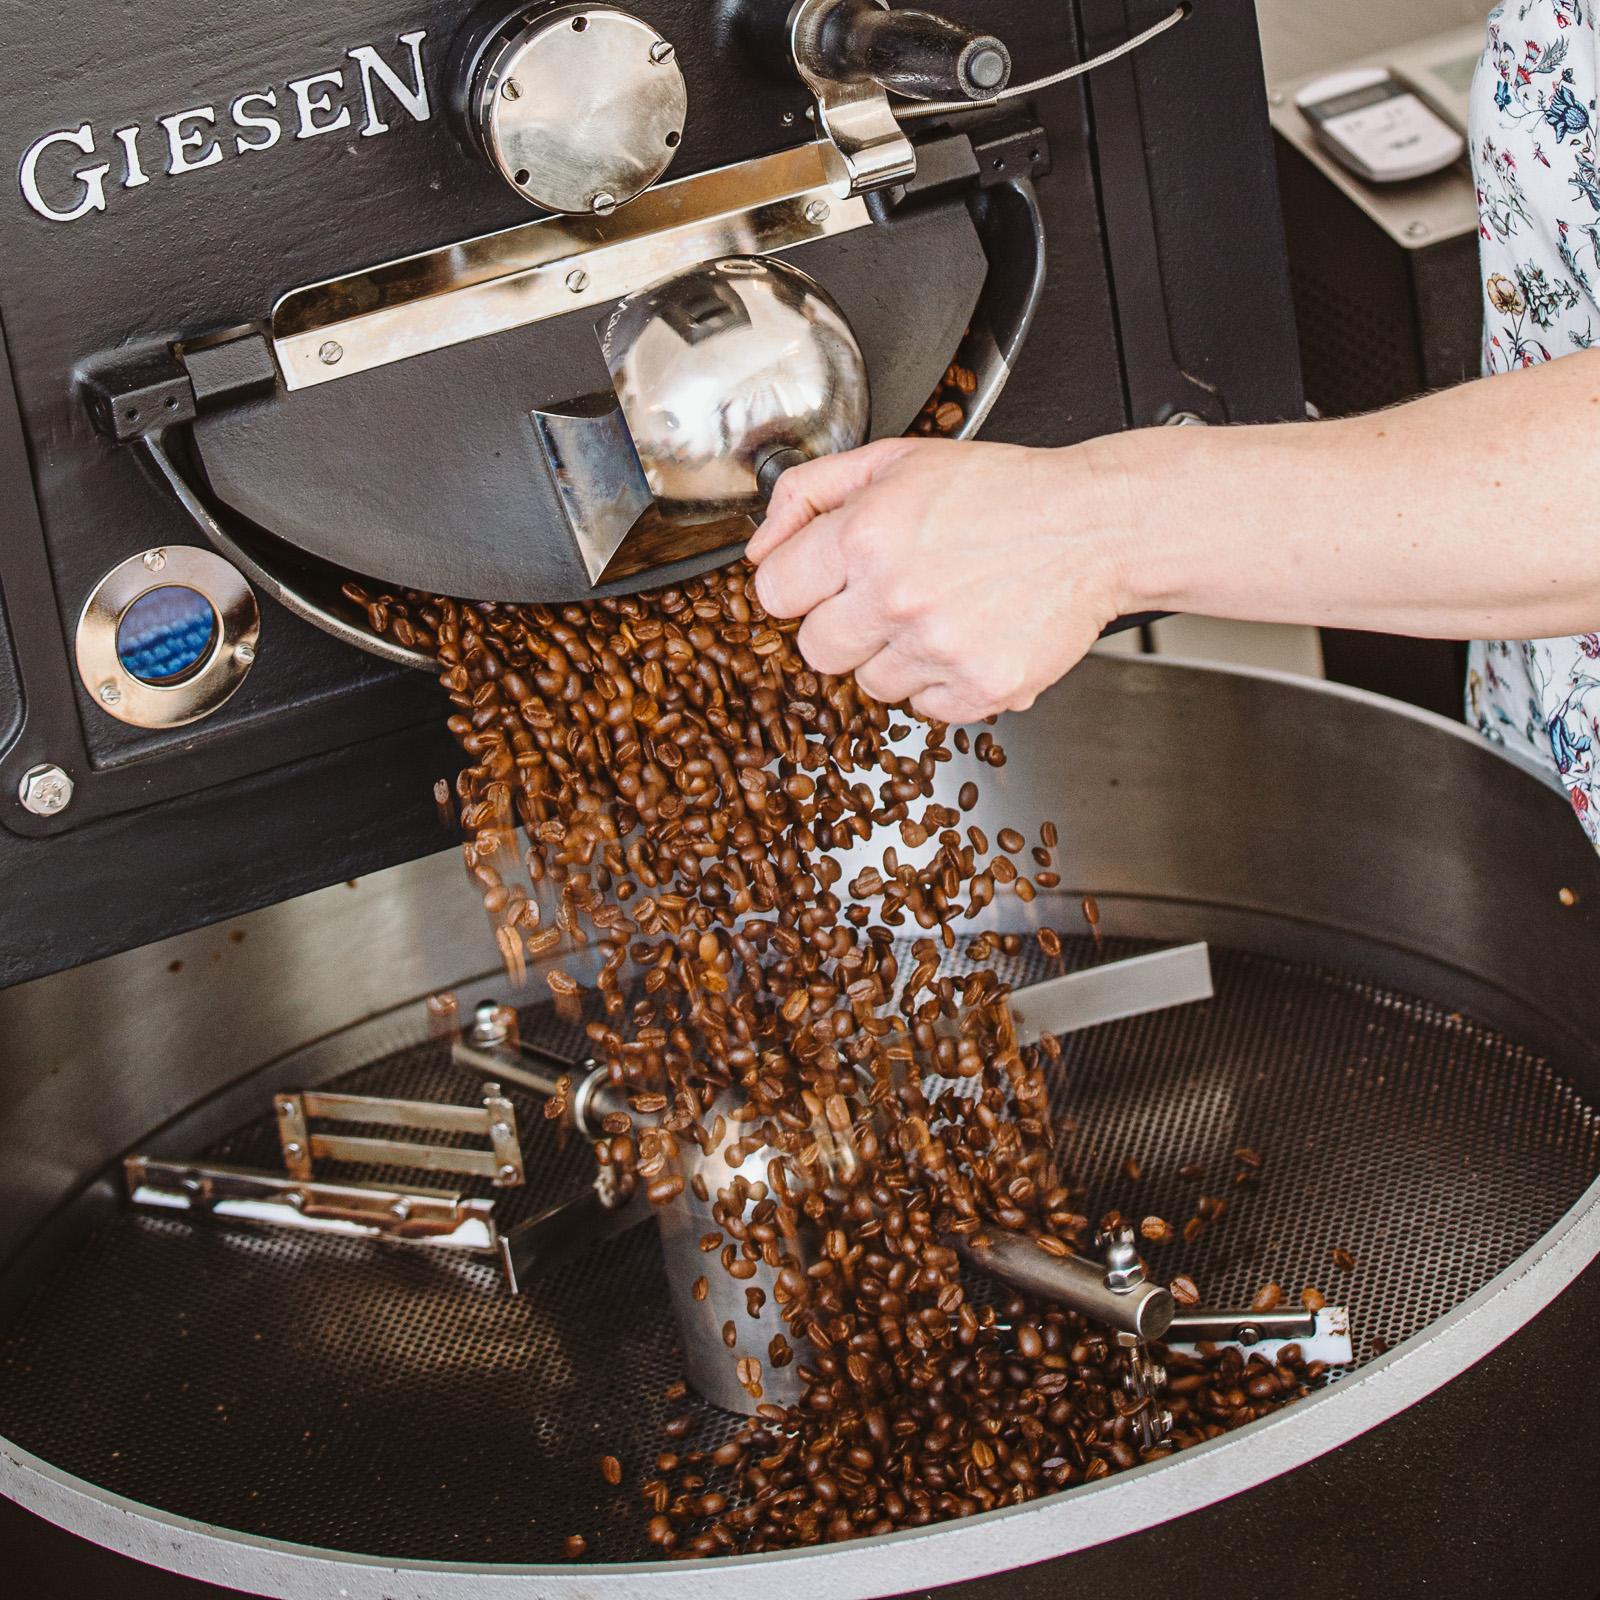 Kaffeebohnen fallen aus Maschine - Unternehmensfotograf Bernadett Yehdou